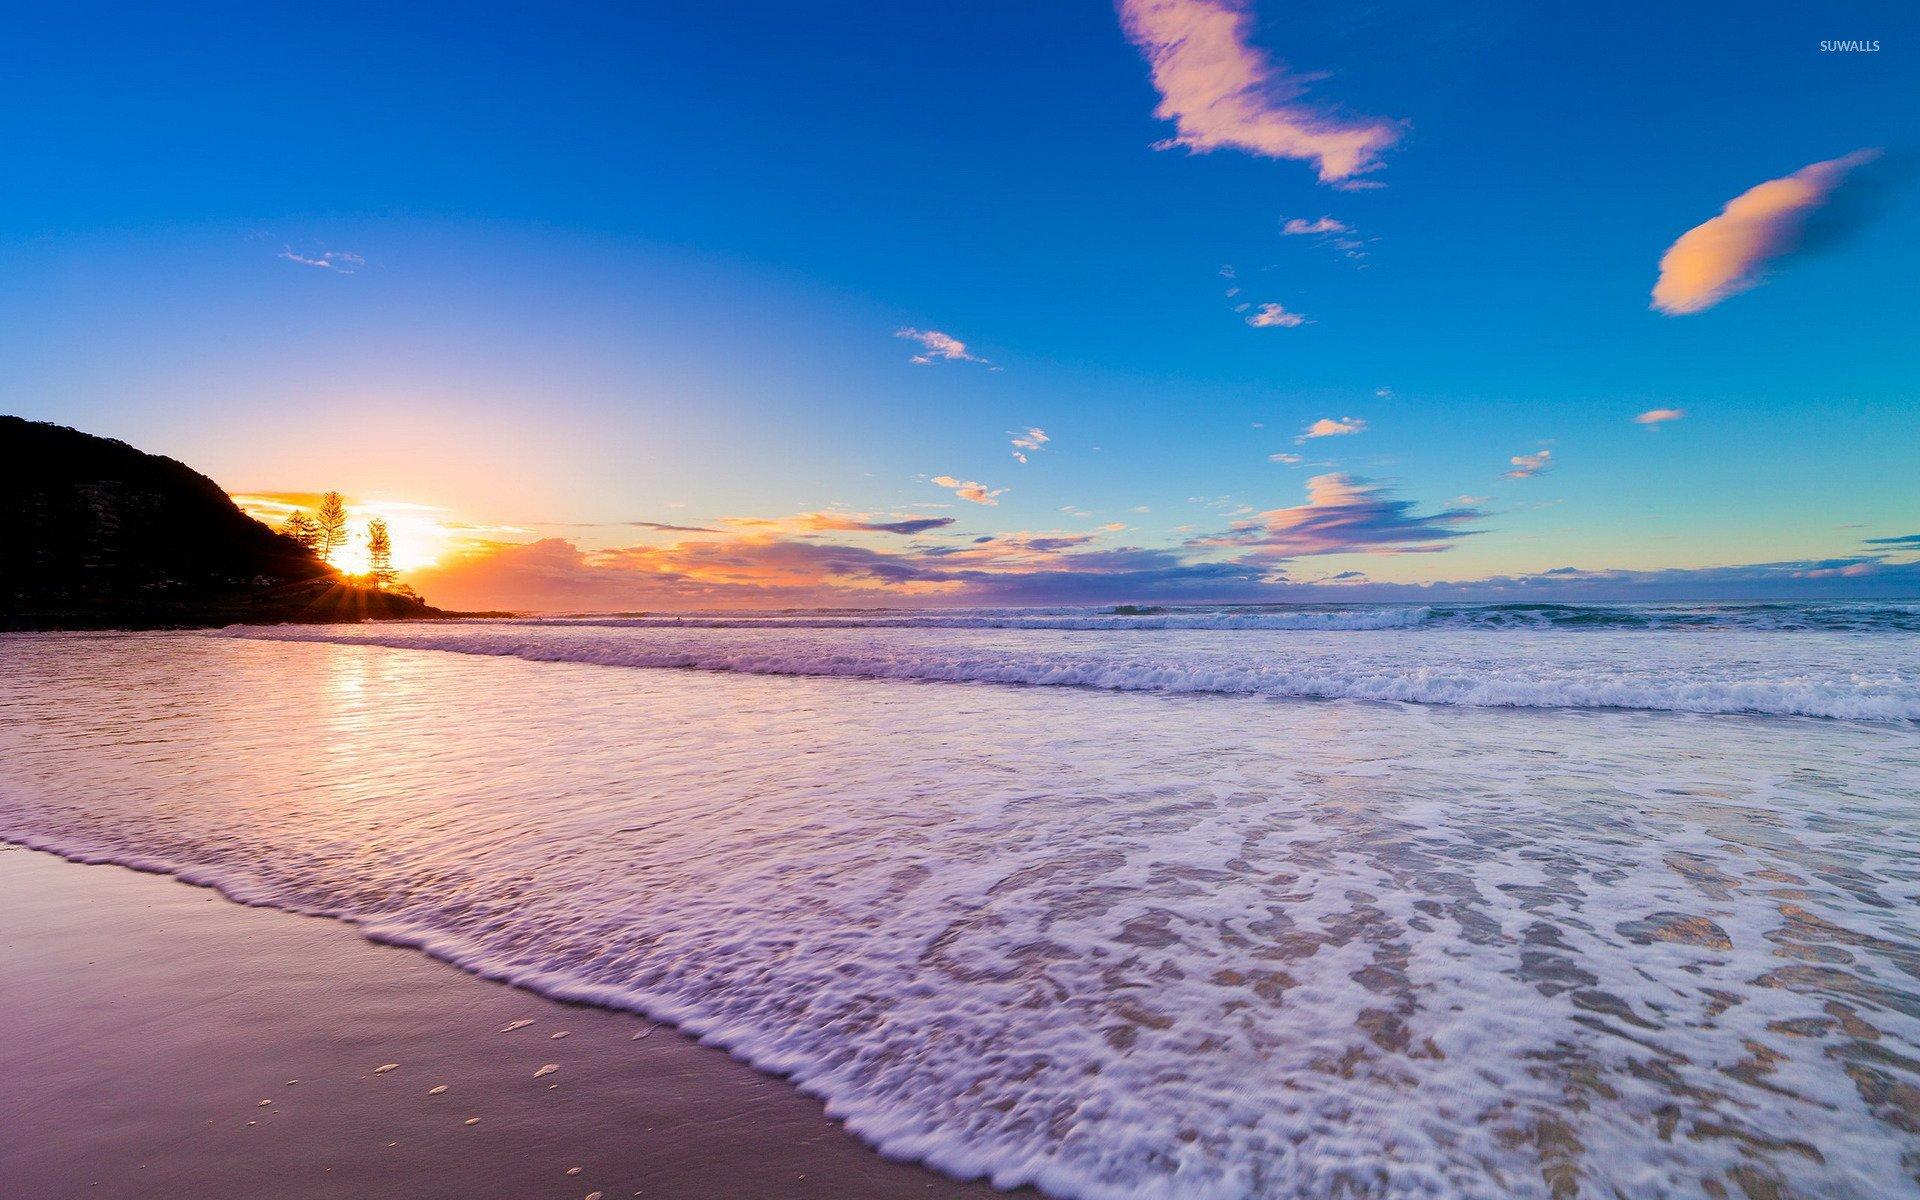 Sunset on the beach wallpaper   Beach wallpapers   17700 1920x1200